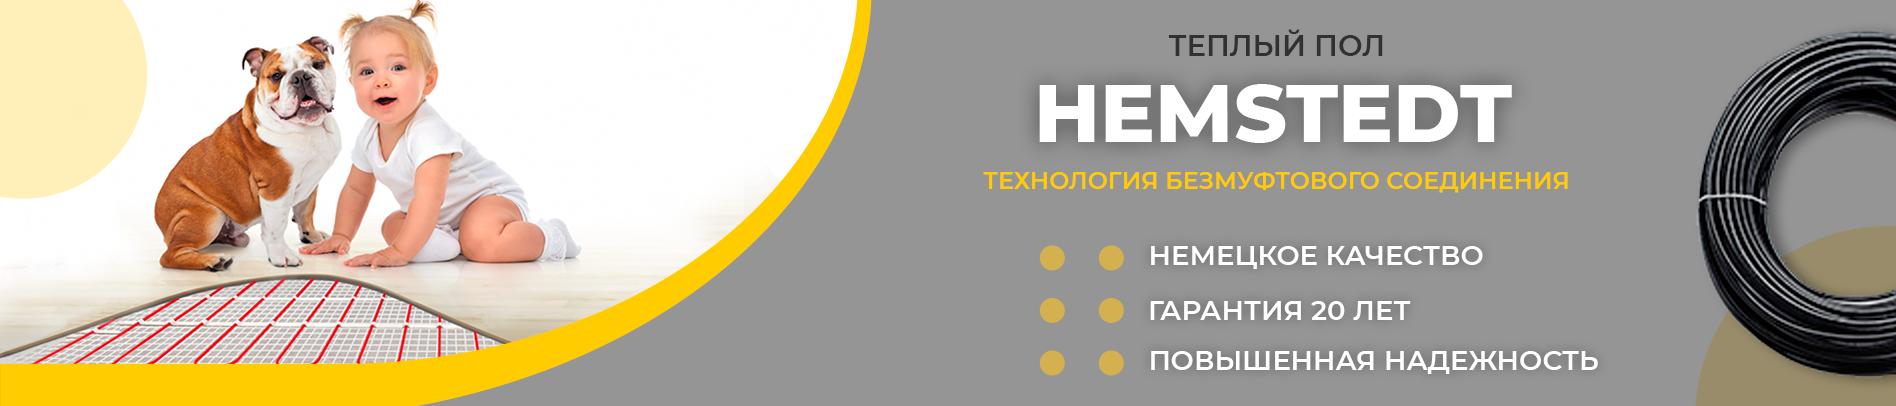 Специалисты выбирают Hemstedt- уникальный теплый пол с технологией безмуфотового соединения